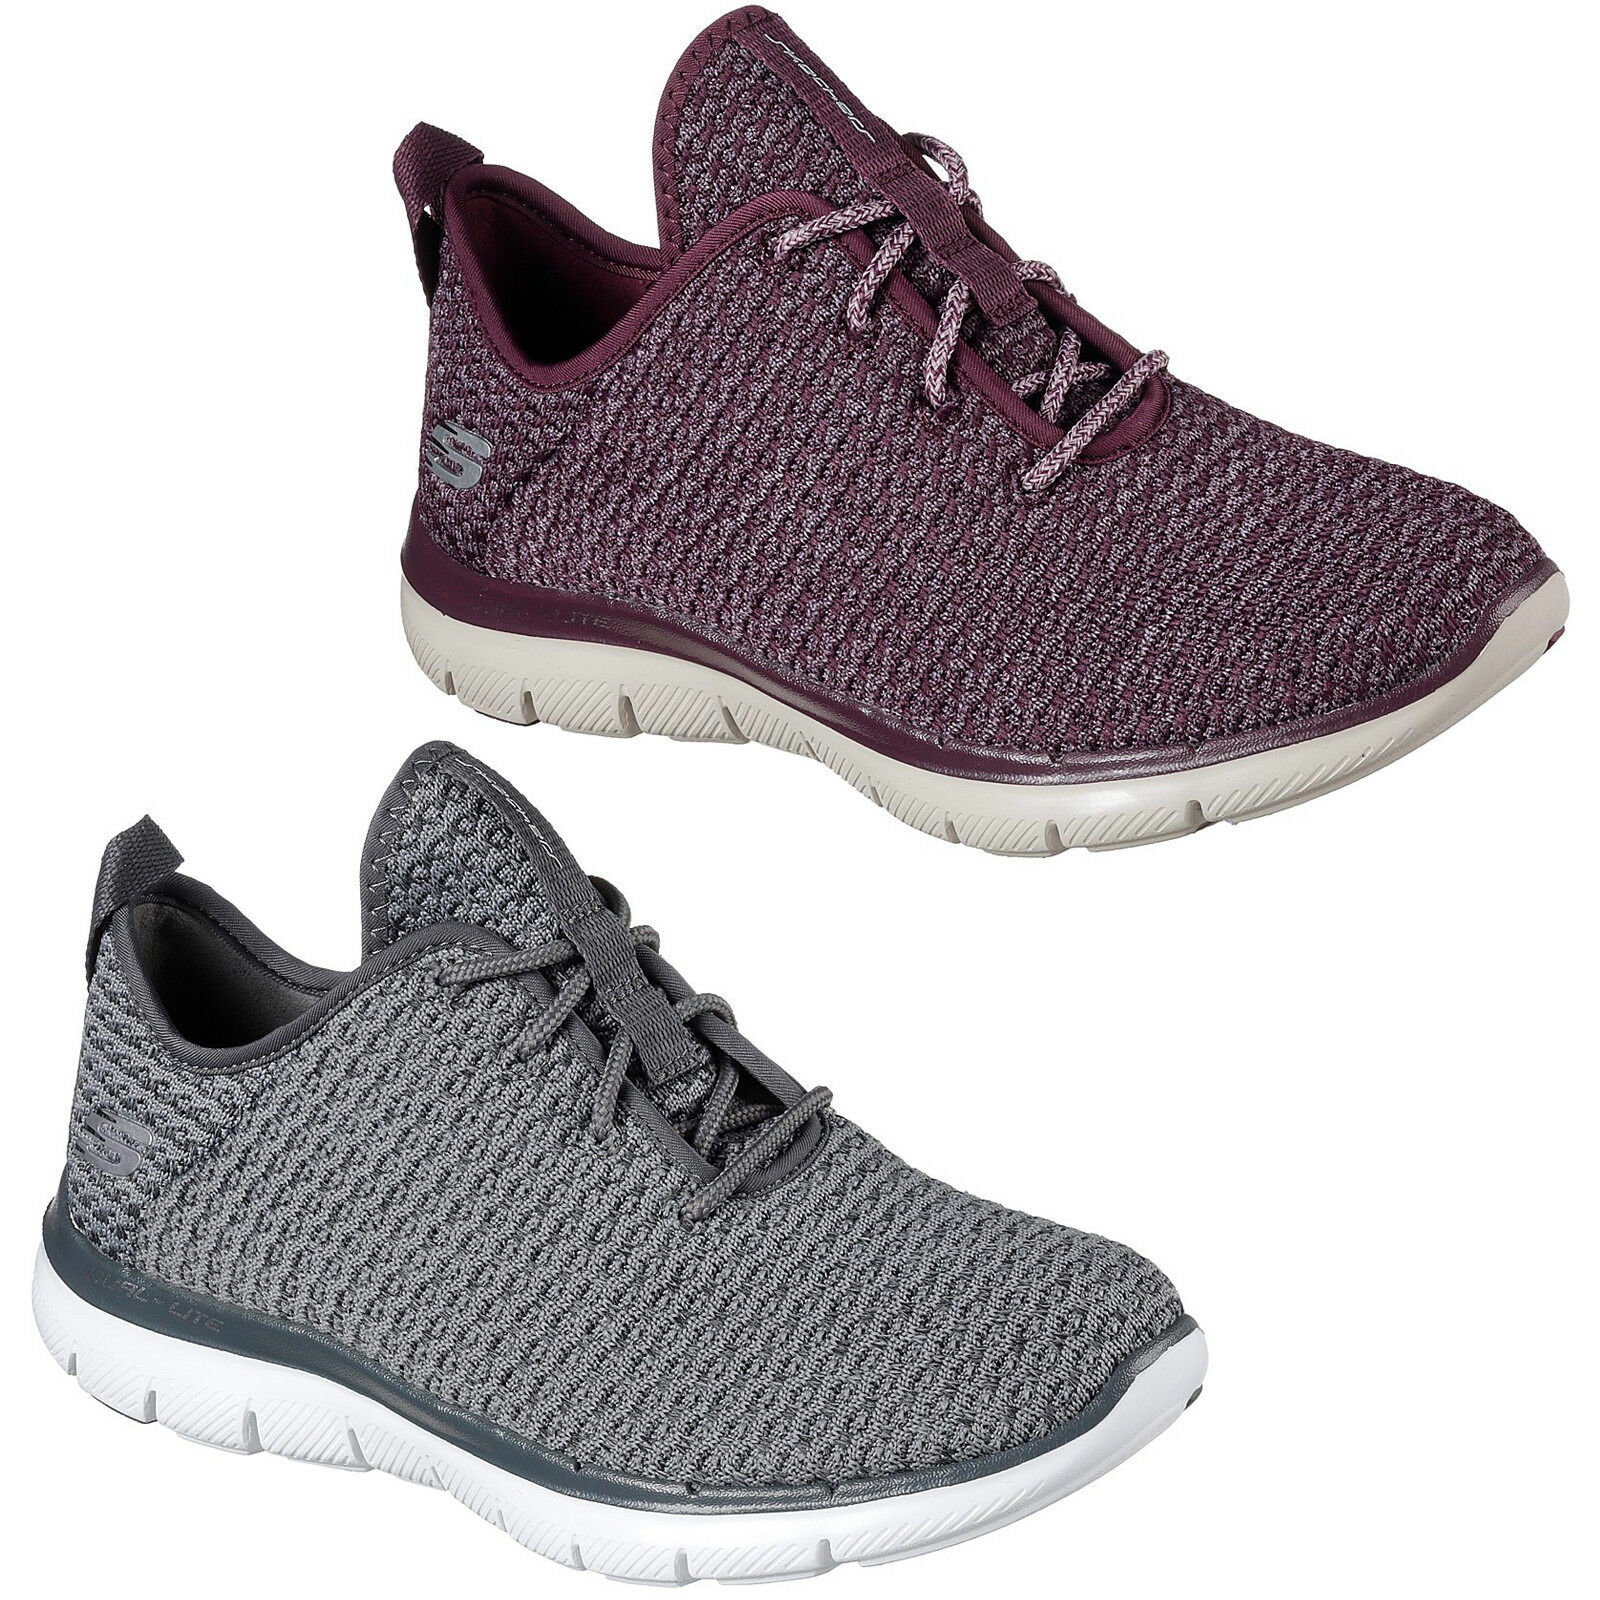 Skechers Flex Appeal 2.0 Bold Move Trainers Memory Foam Sports Schuhes Damenschuhe